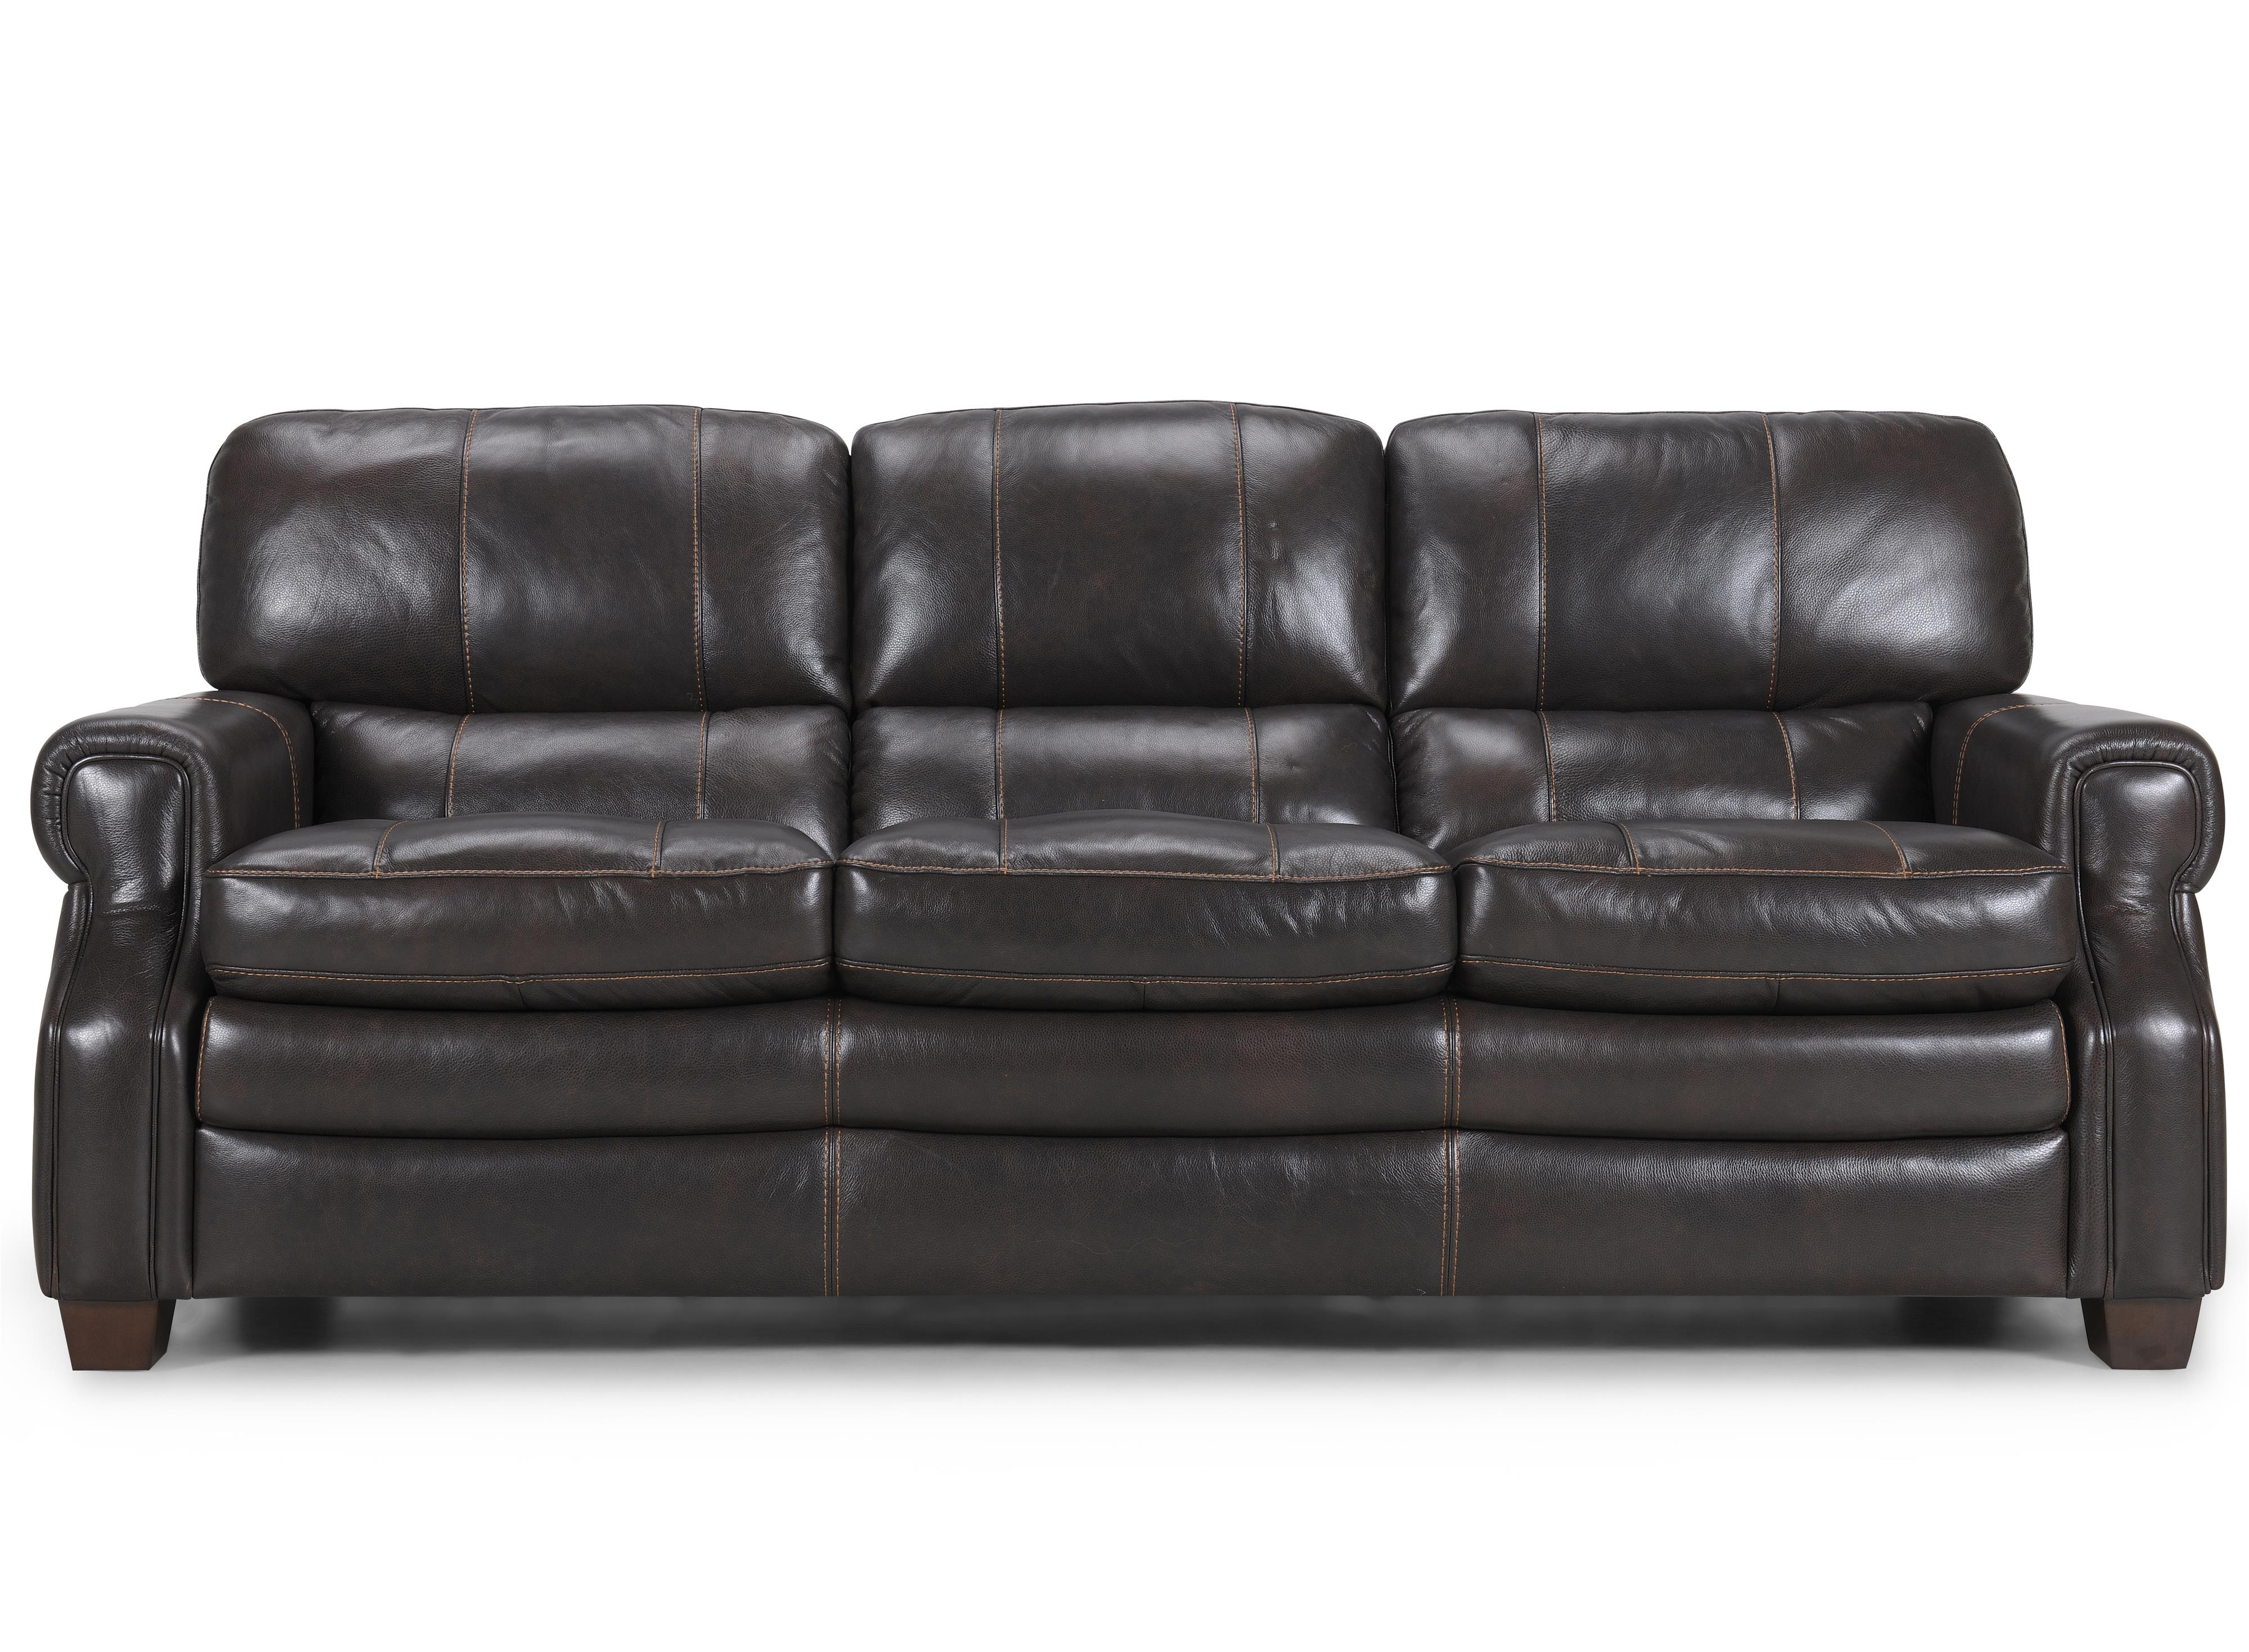 Becker 1950 3633 Sofa - Item Number: 3633-3P-E2010